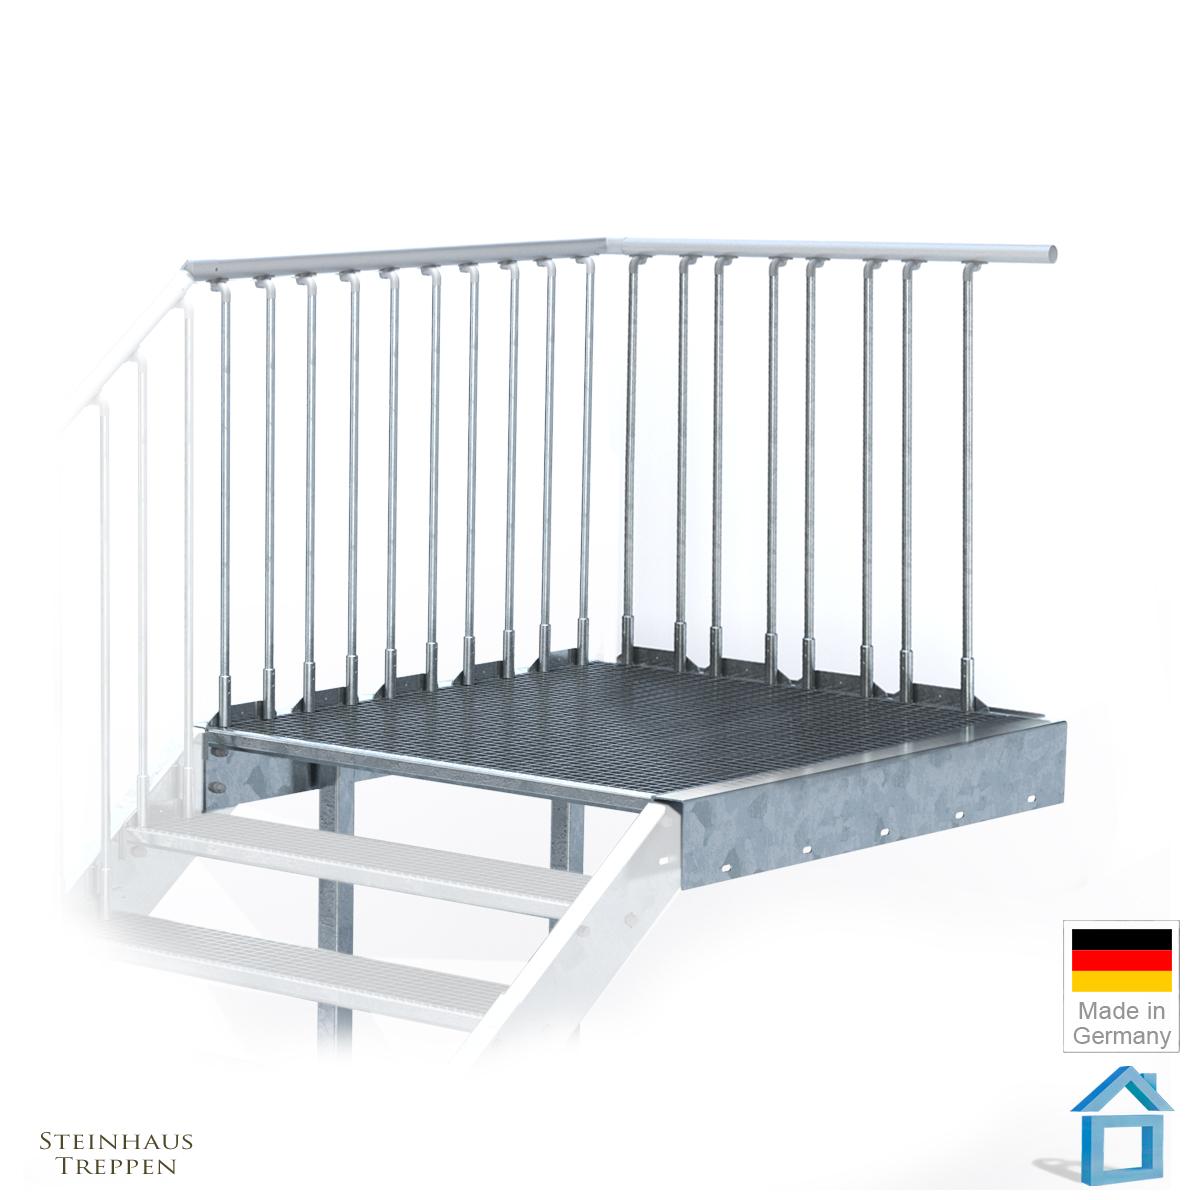 feuerverzinkte stahlrahmen podest mit stahlgel nder und din stahlstufen steinhaus treppen. Black Bedroom Furniture Sets. Home Design Ideas